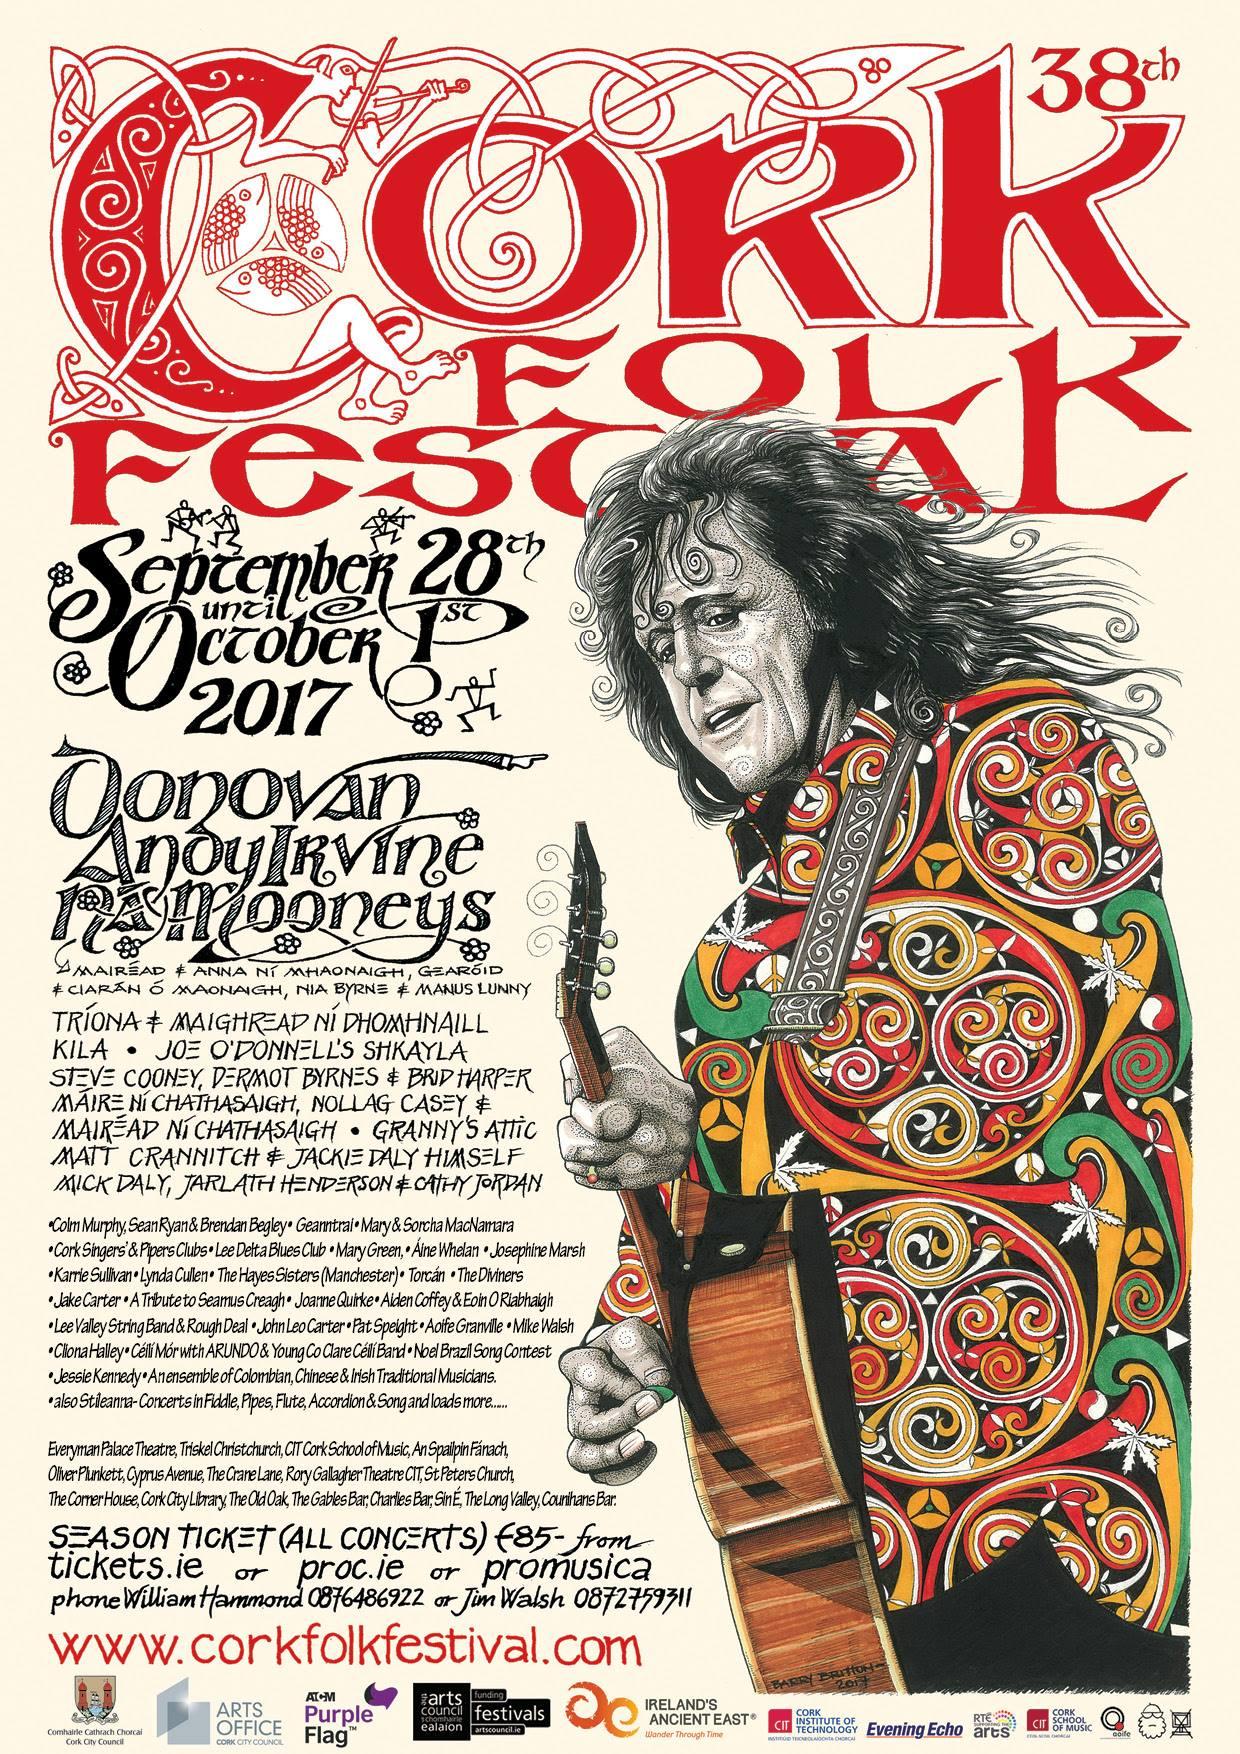 joeodonnellsshkayla play Cork Folk Festival 2017